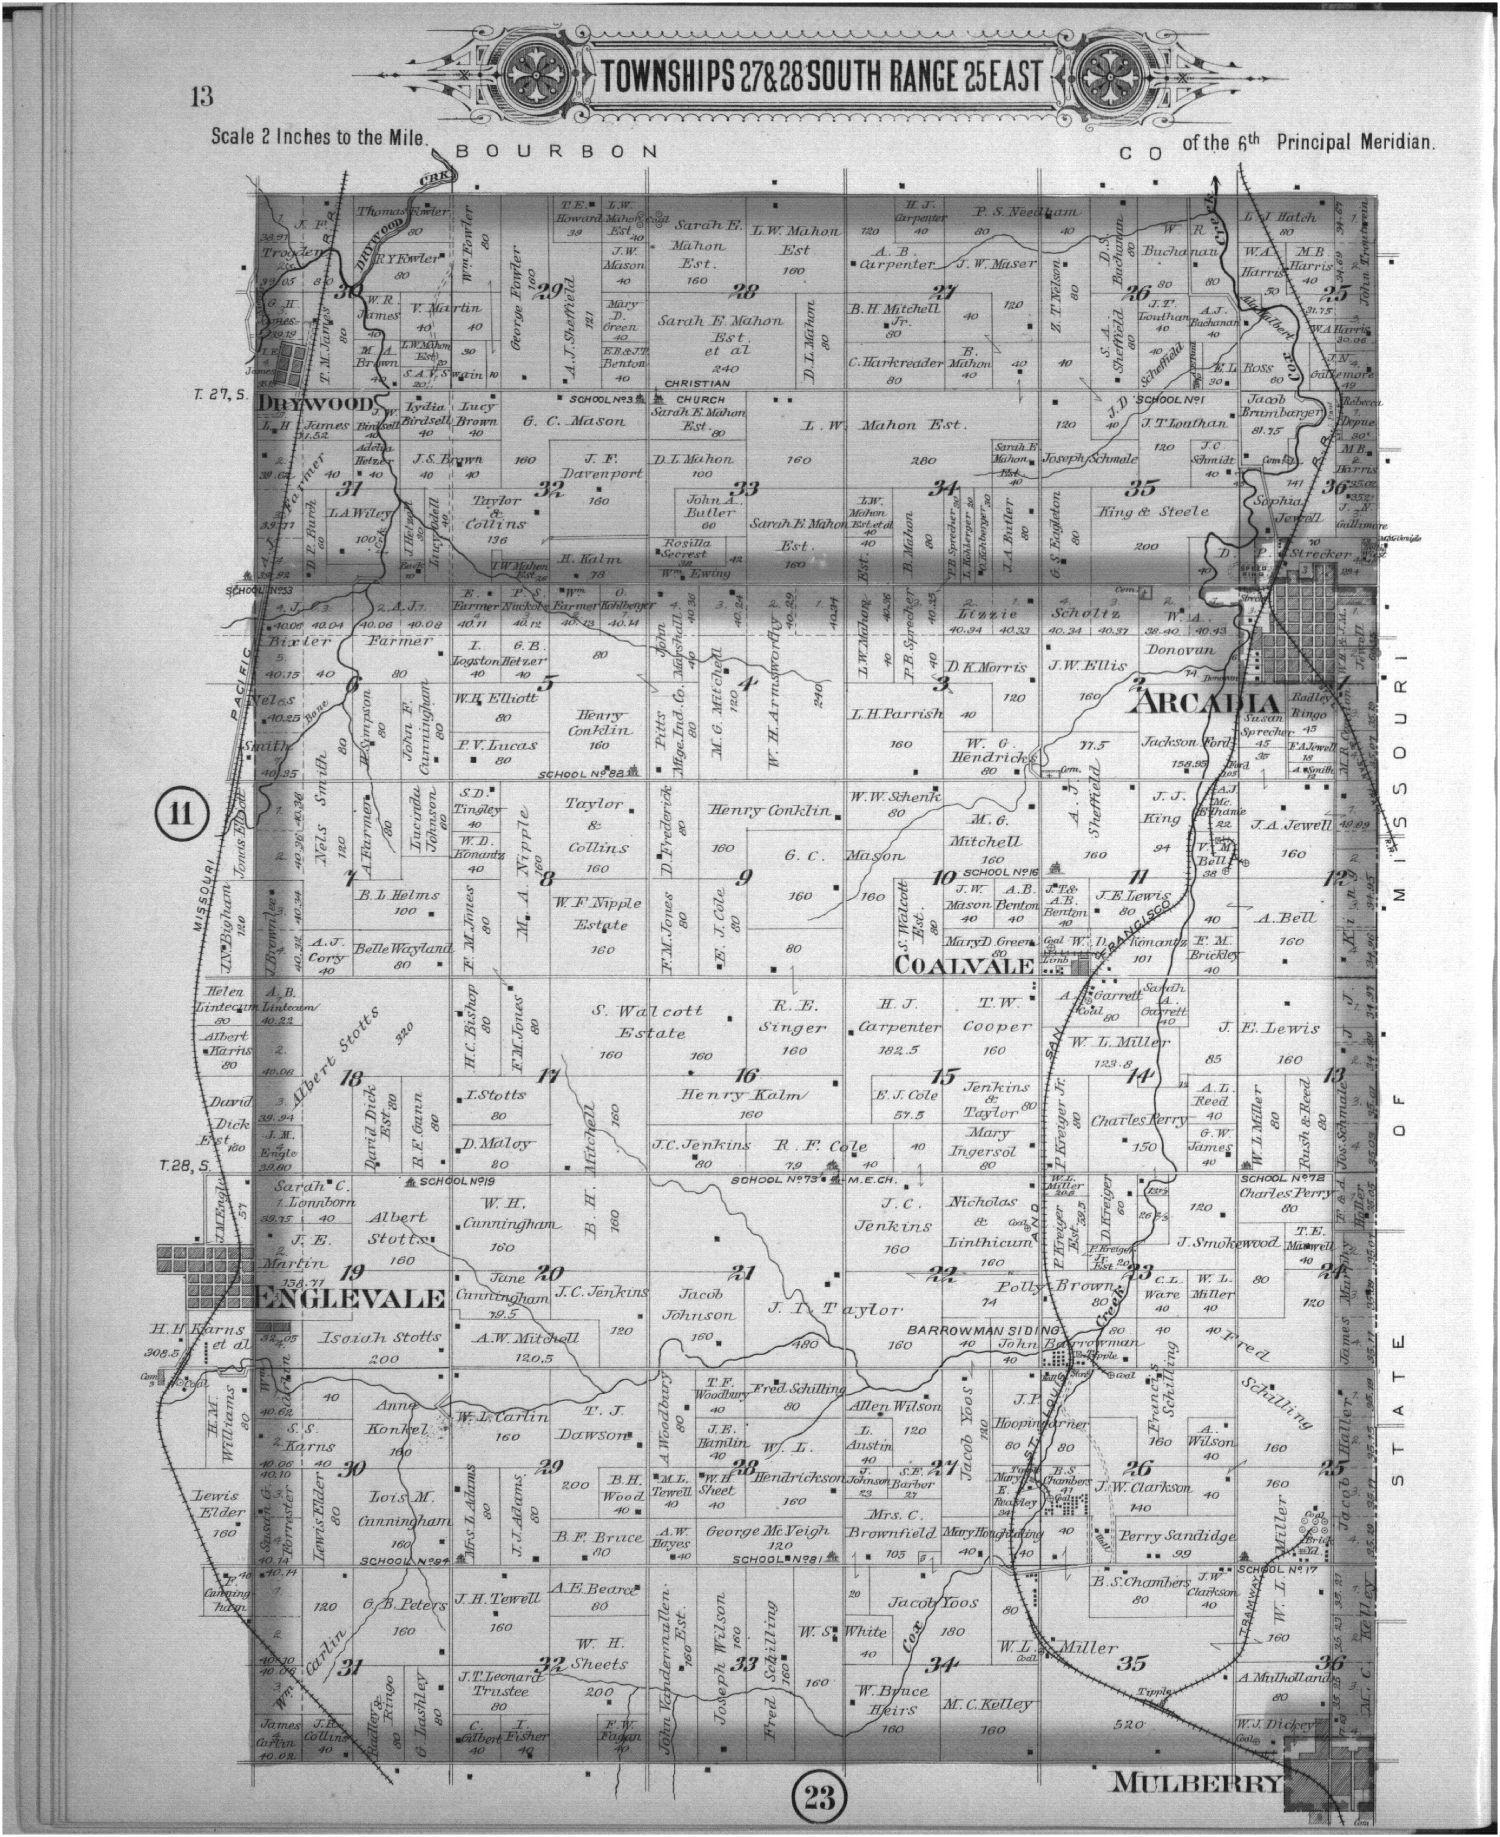 Plat book, Crawford County, Kansas - 10